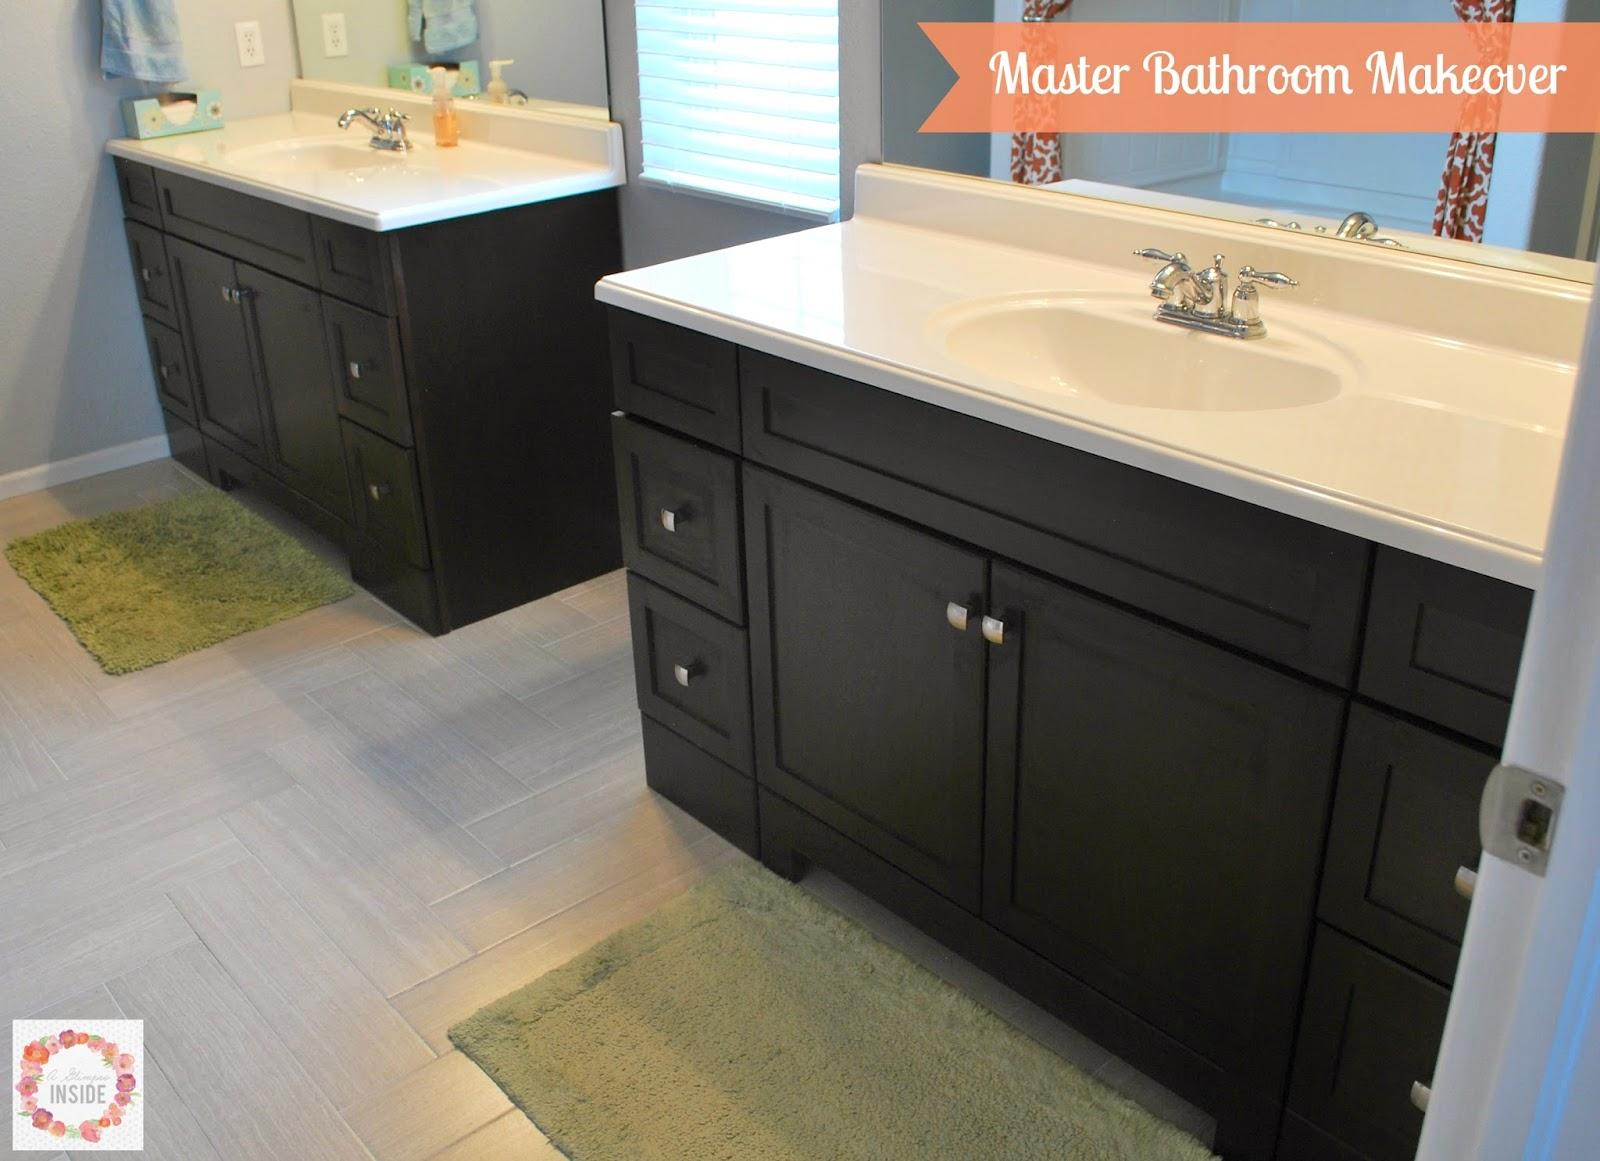 http://www.aglimpseinsideblog.com/2015/01/master-bathroom-makeover-reveal.html